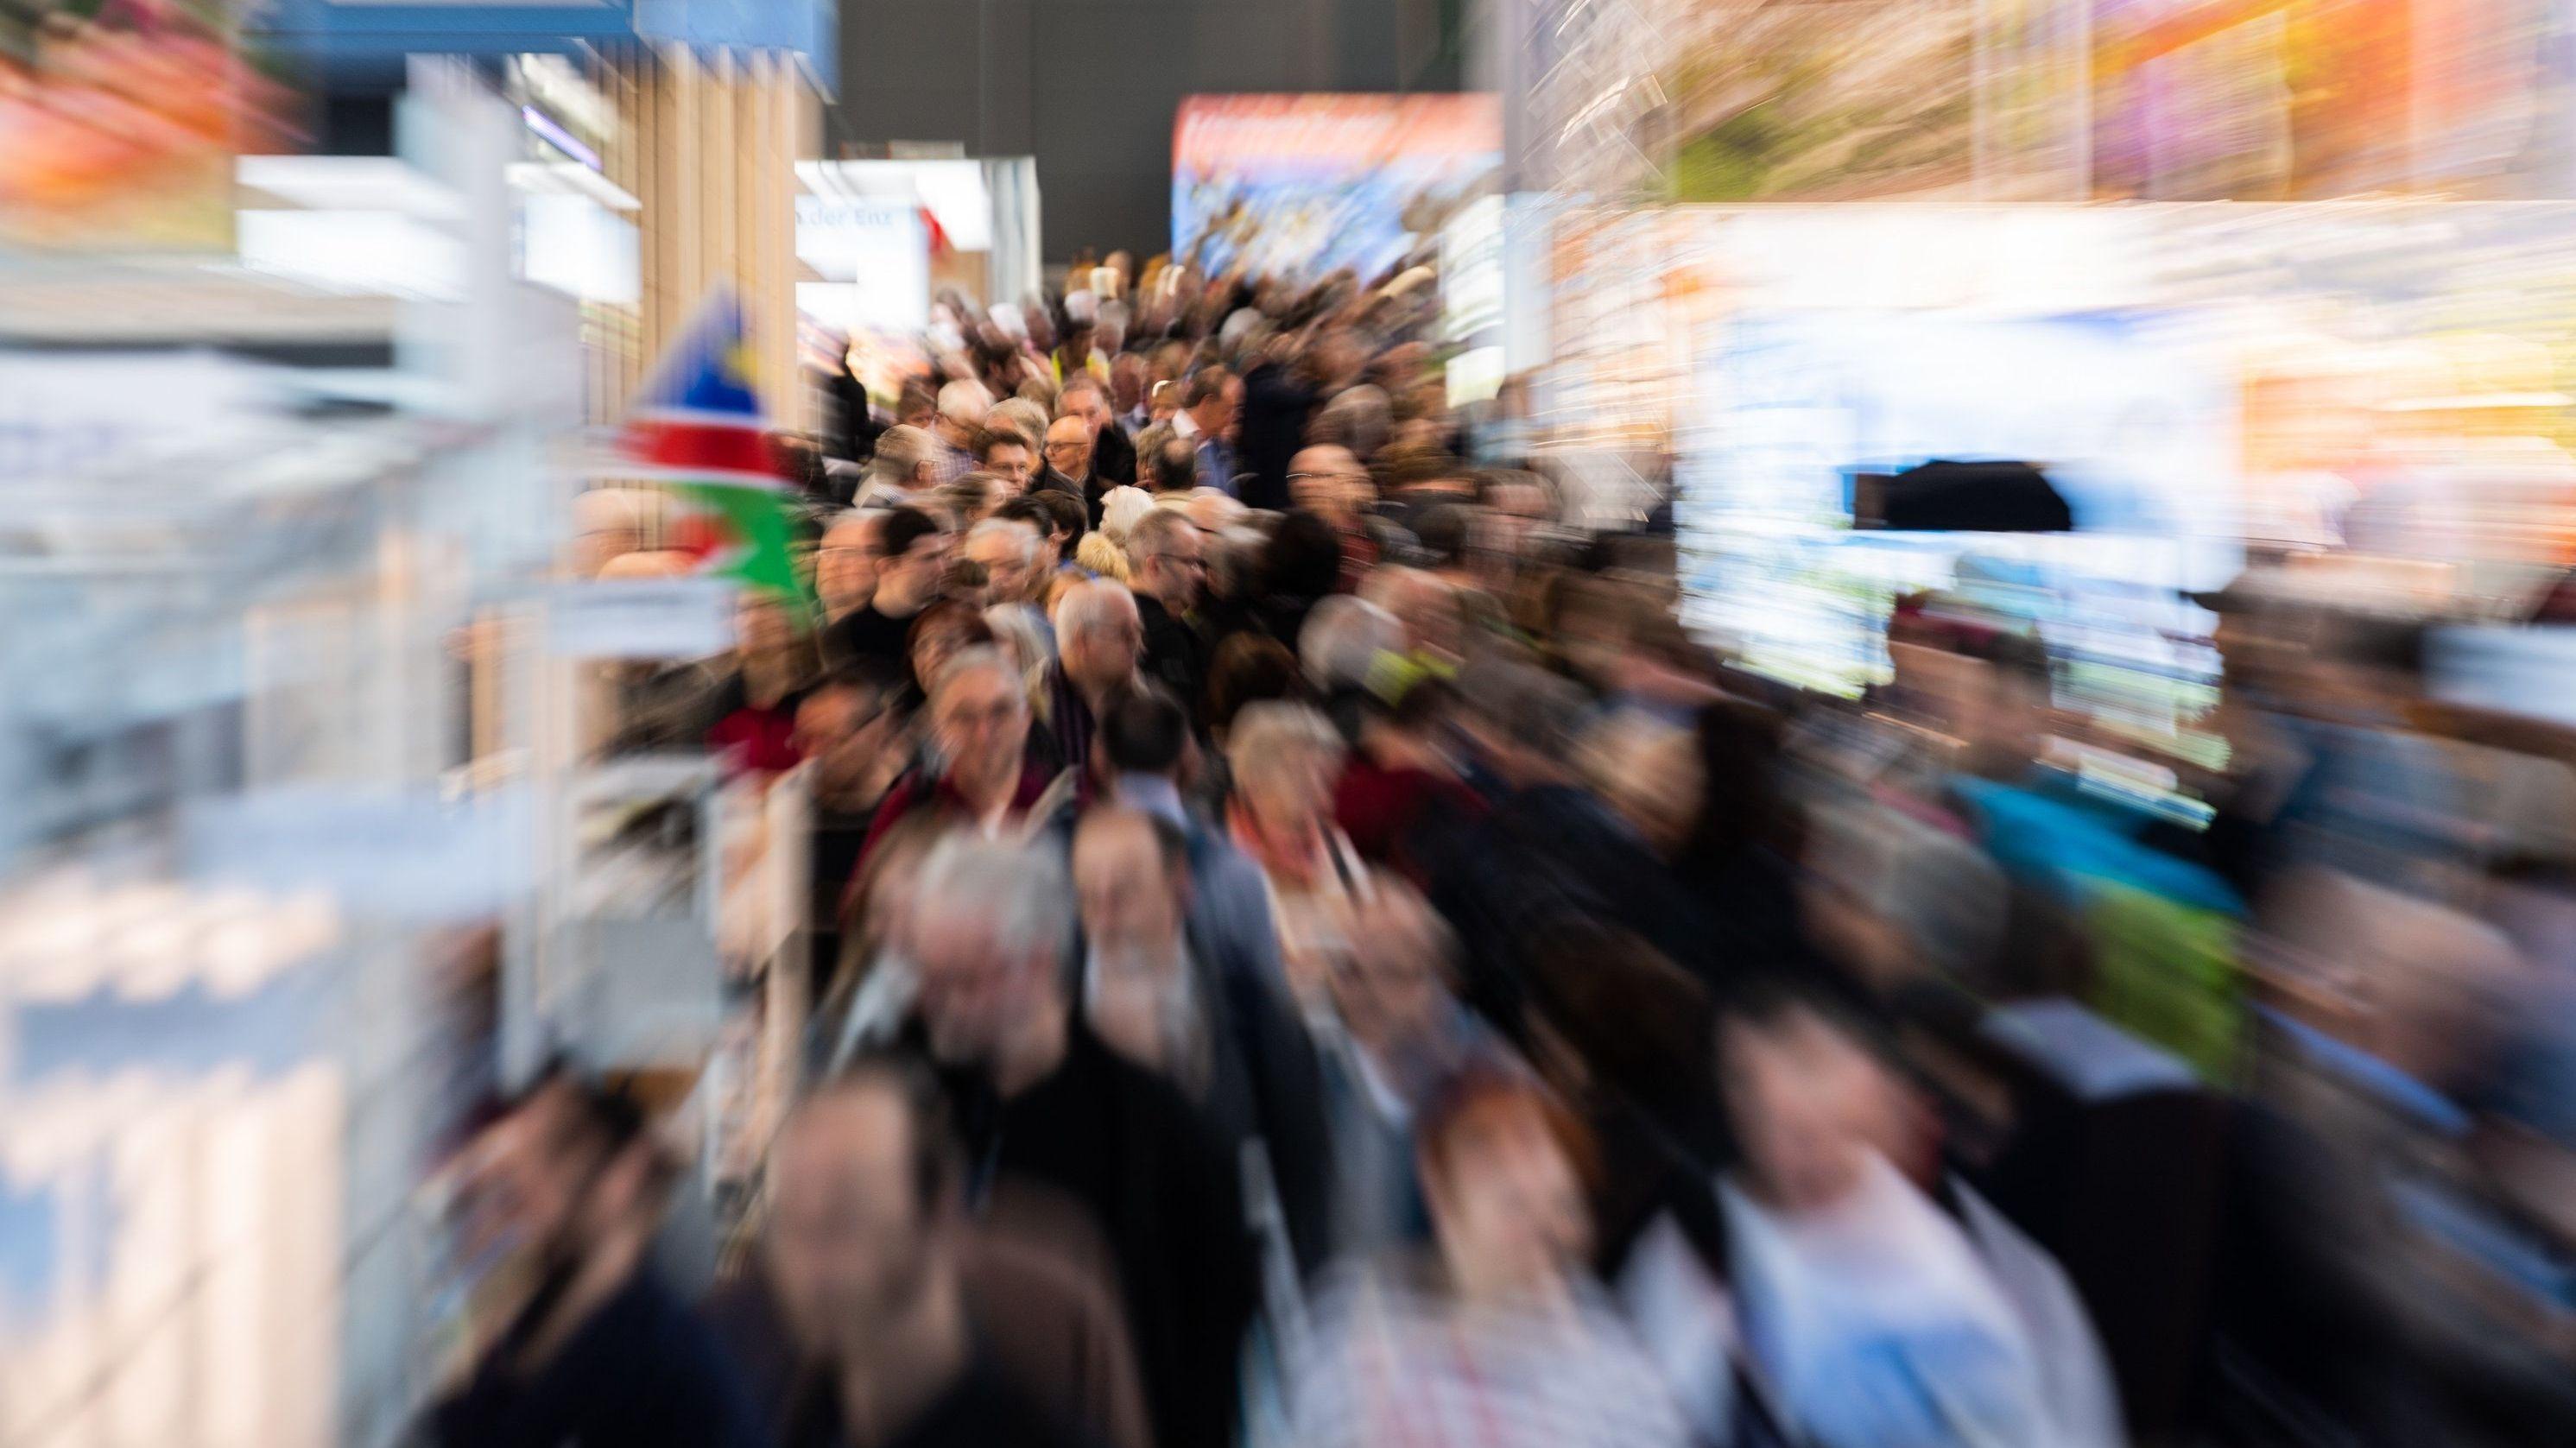 Auf Messen und anderen Großveranstaltungen kommen viele Menschen auf engem Raum zusammen.